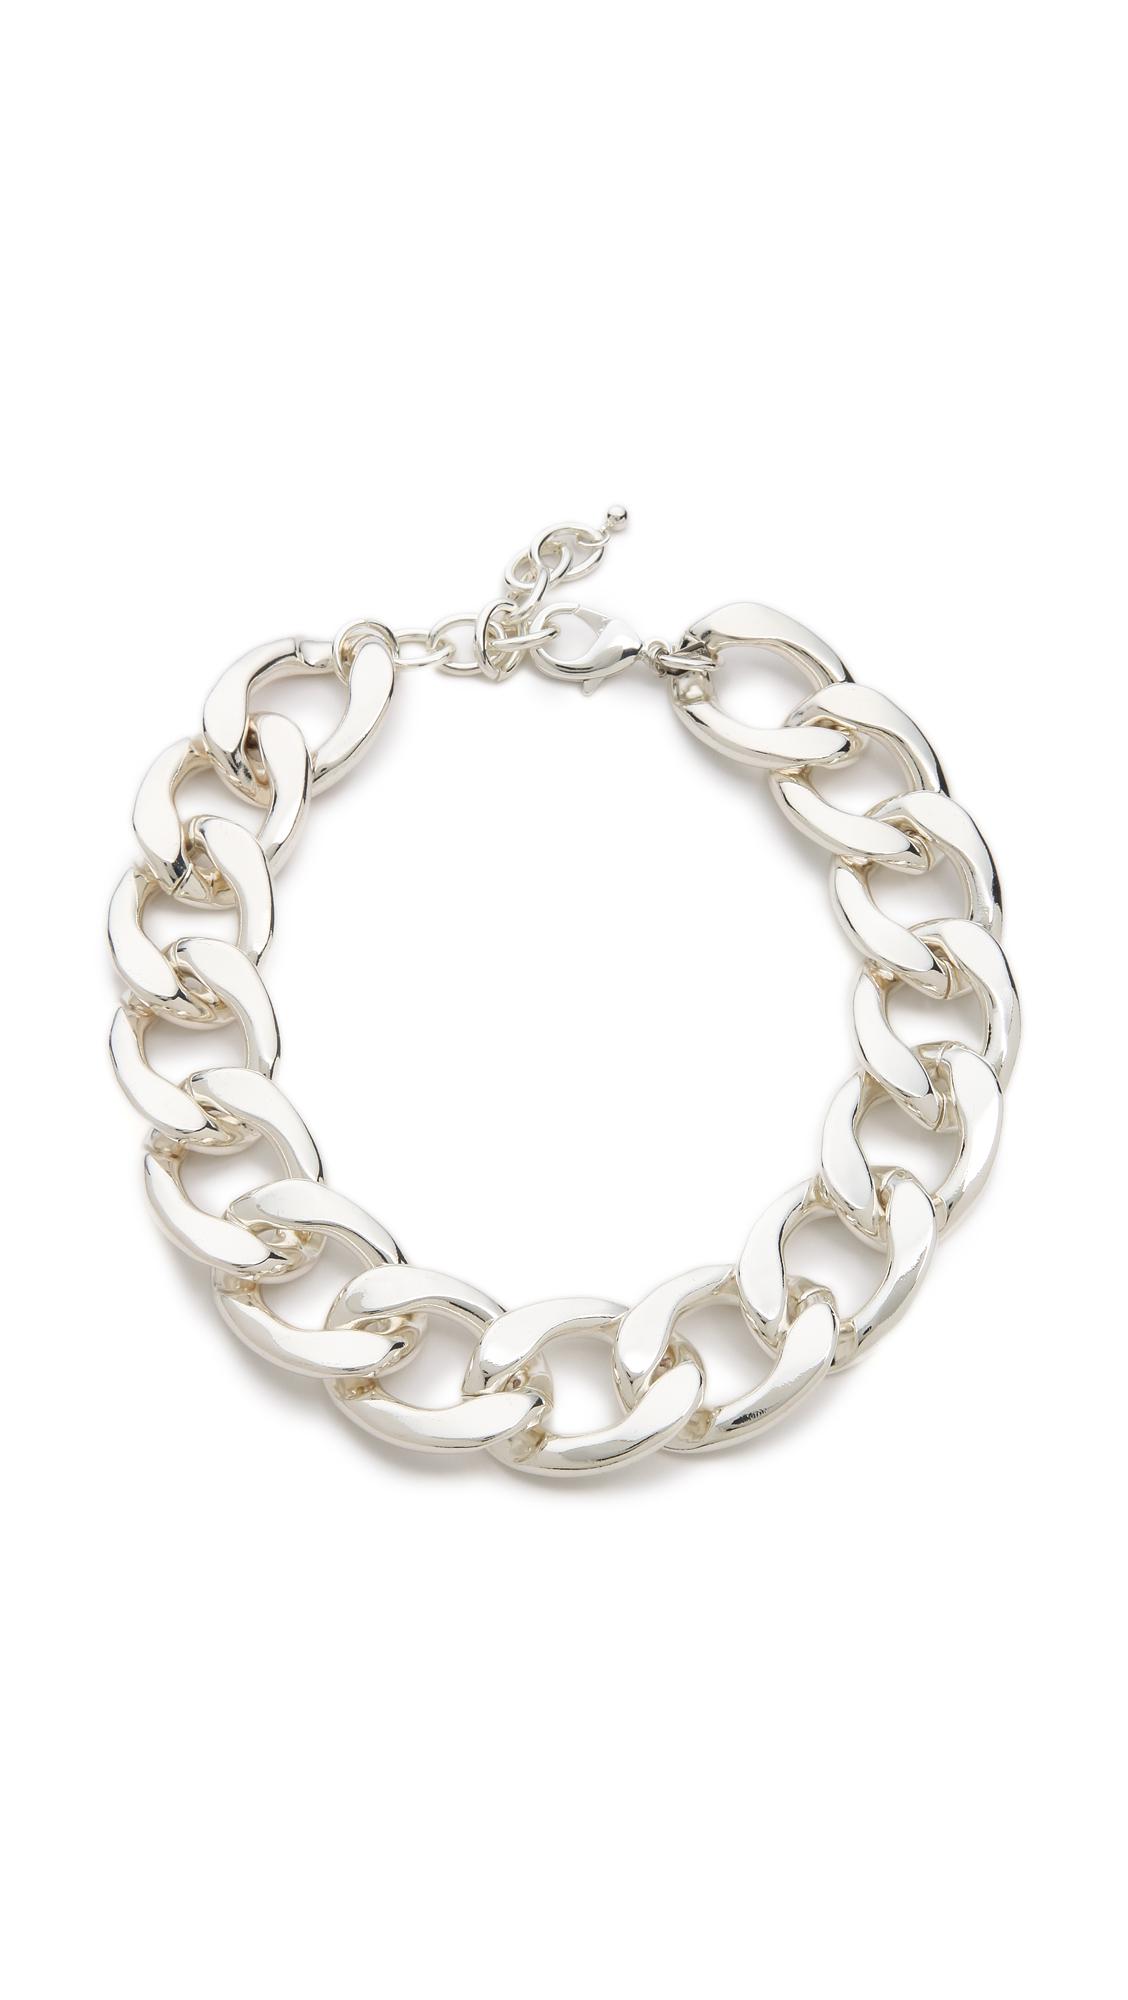 Kenneth Jay Lane Large Link Bracelet Polished gold rRfit3v4